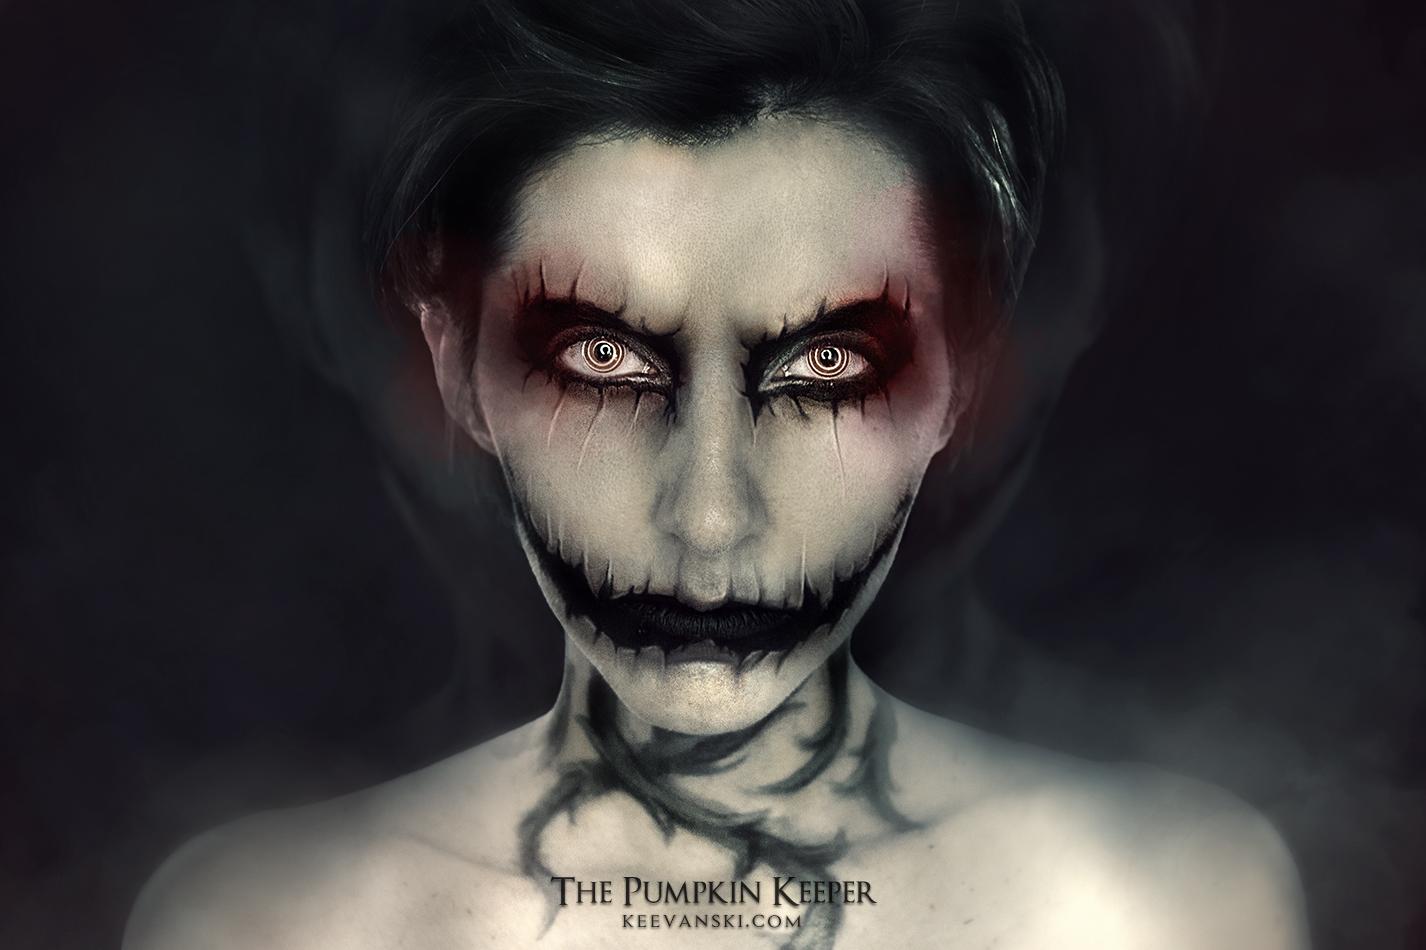 The_Pumpki_Keeper_by_Keevanski